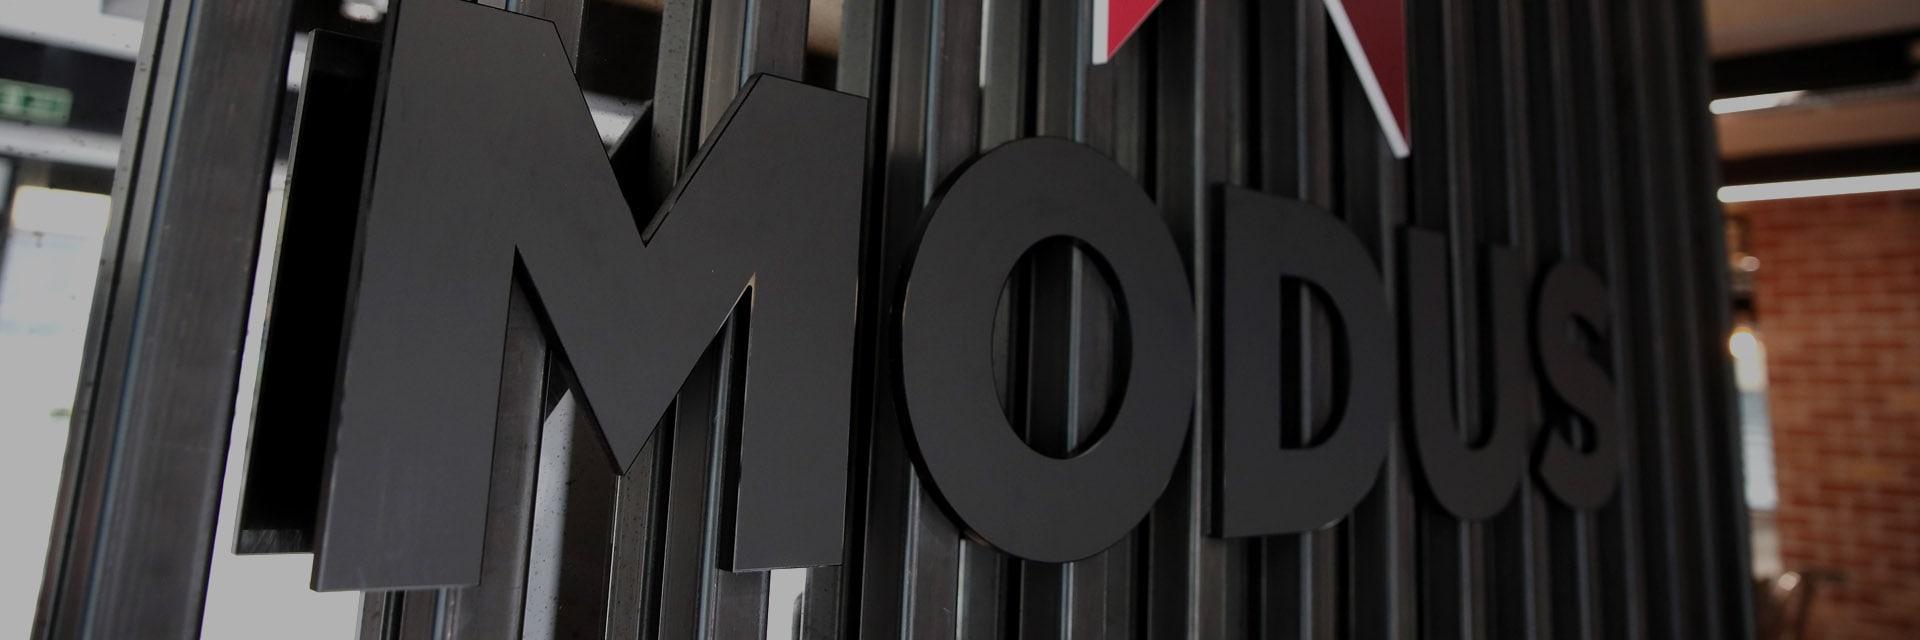 1920x640-modus-sign-min